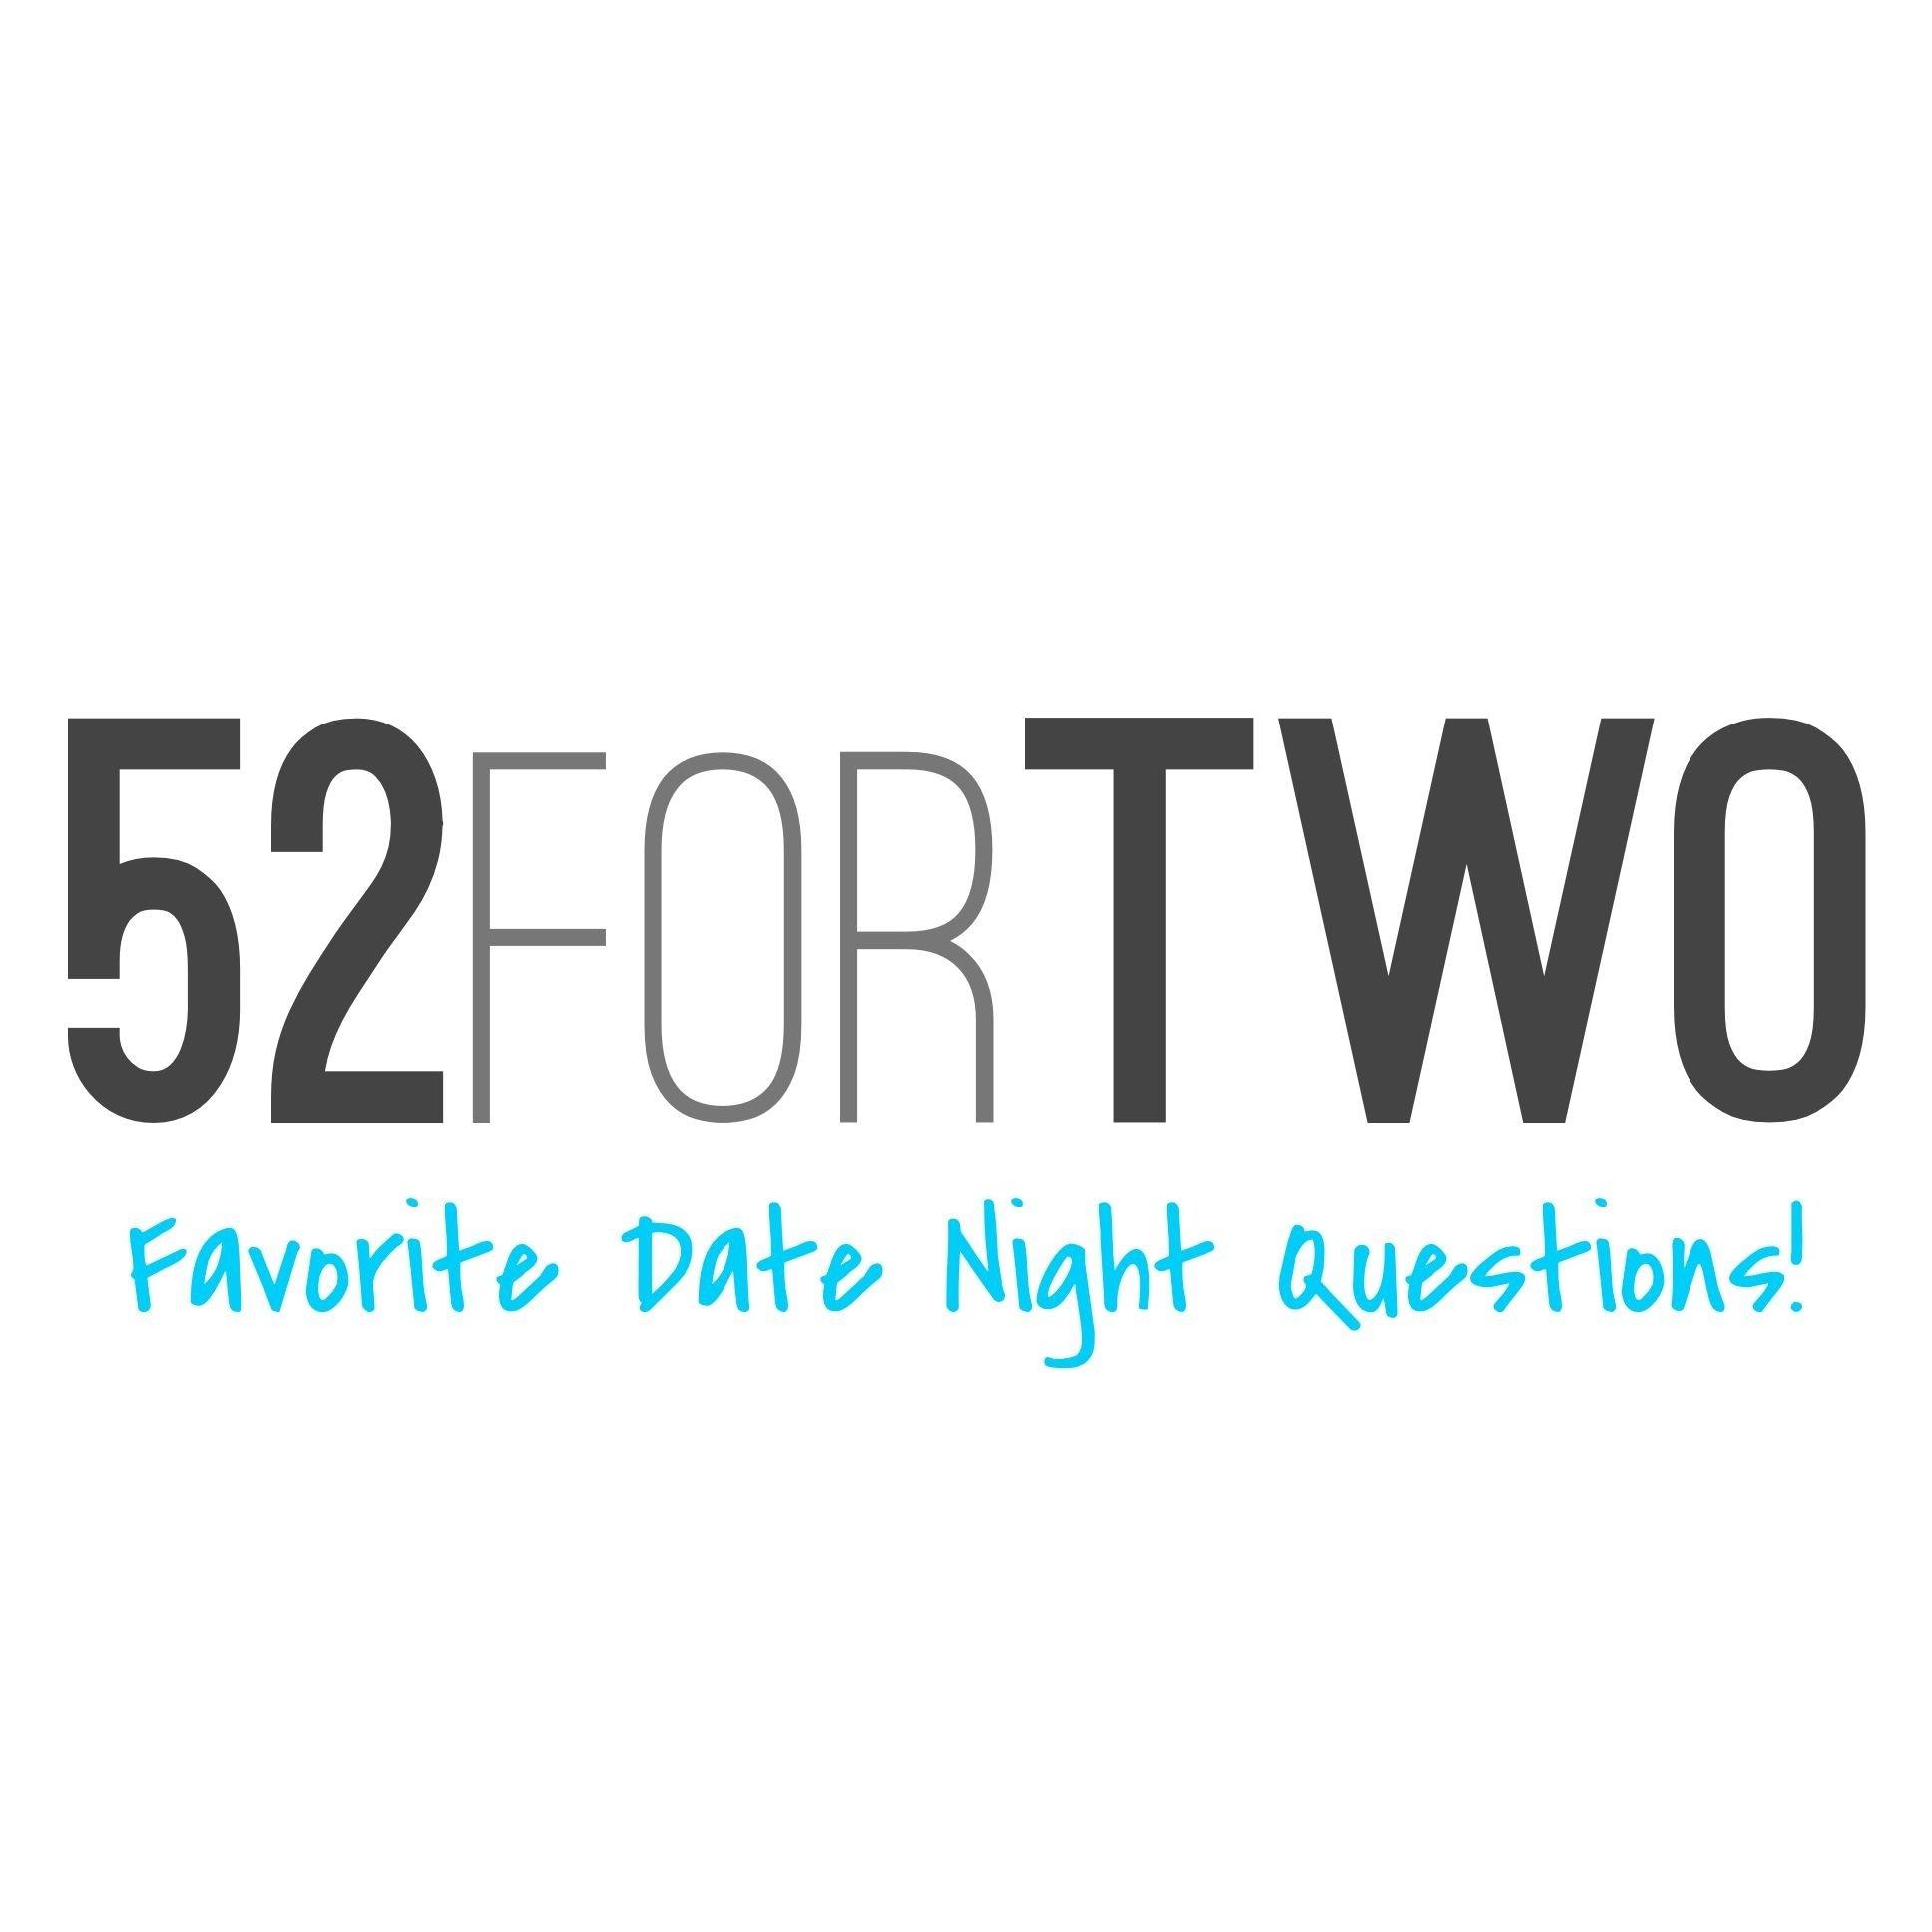 10 Trendy Fun Date Ideas In Orlando 52 date night questions love e29da4 pinterest craft